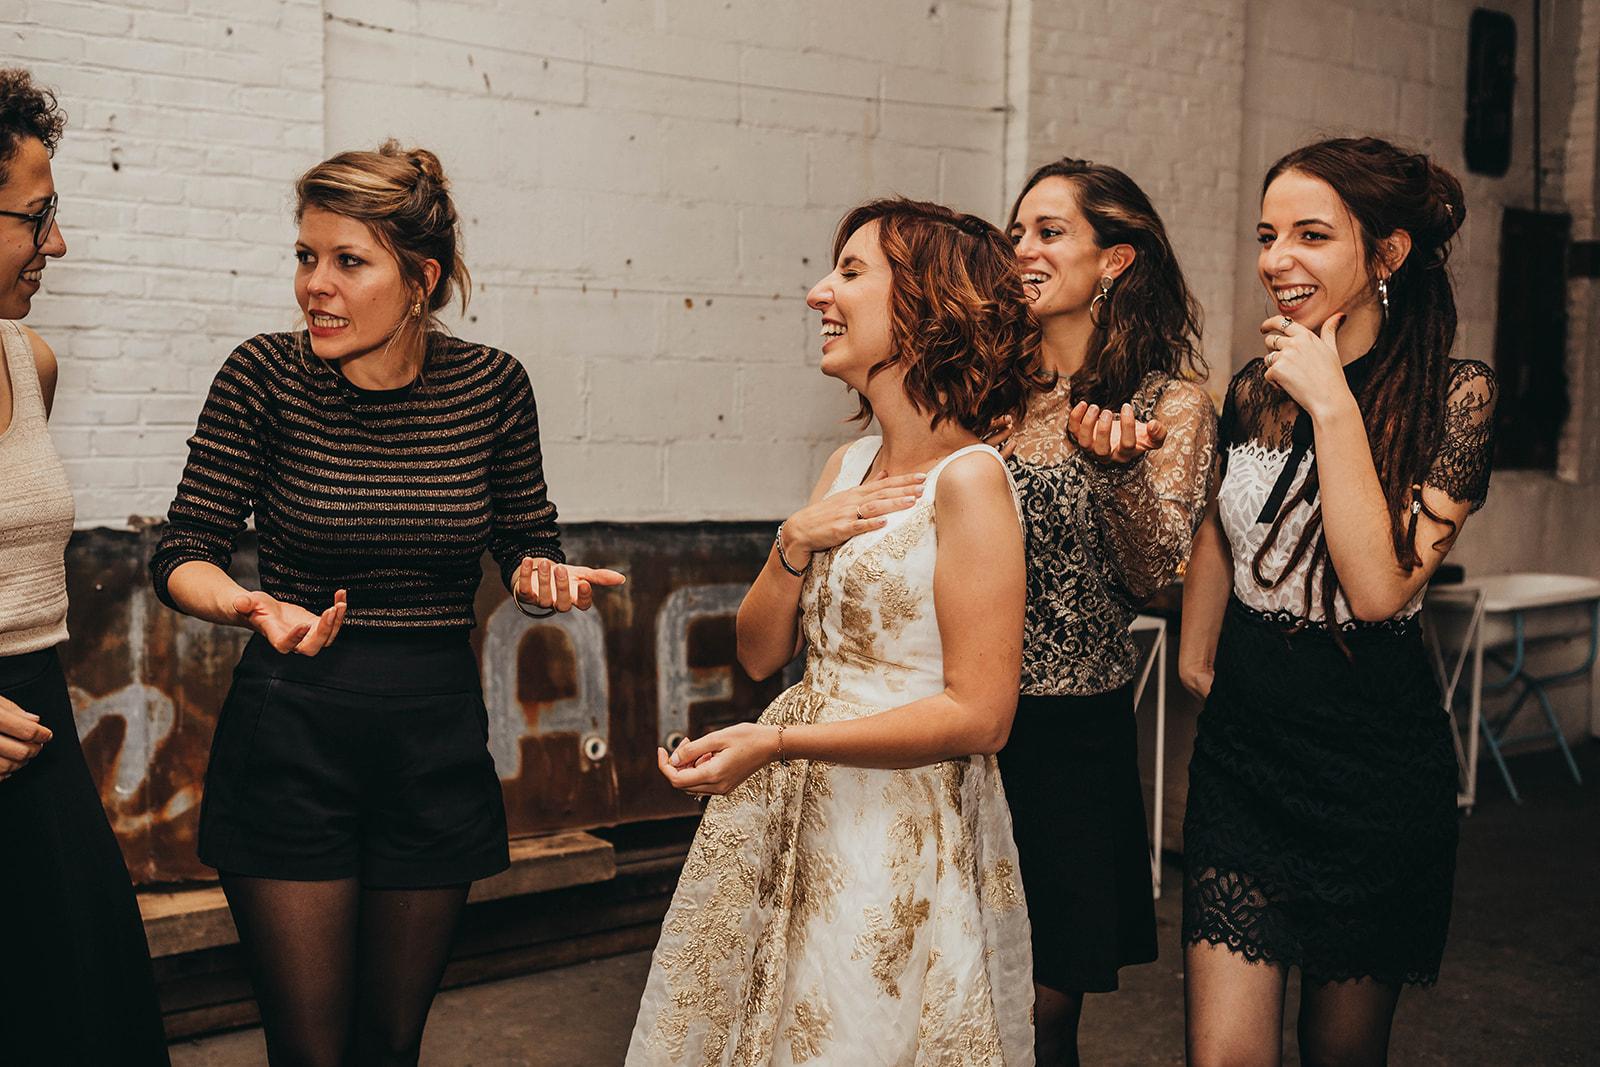 gold and white rehearsal dinner dress ideas ny wedding dress designer-110.jpg